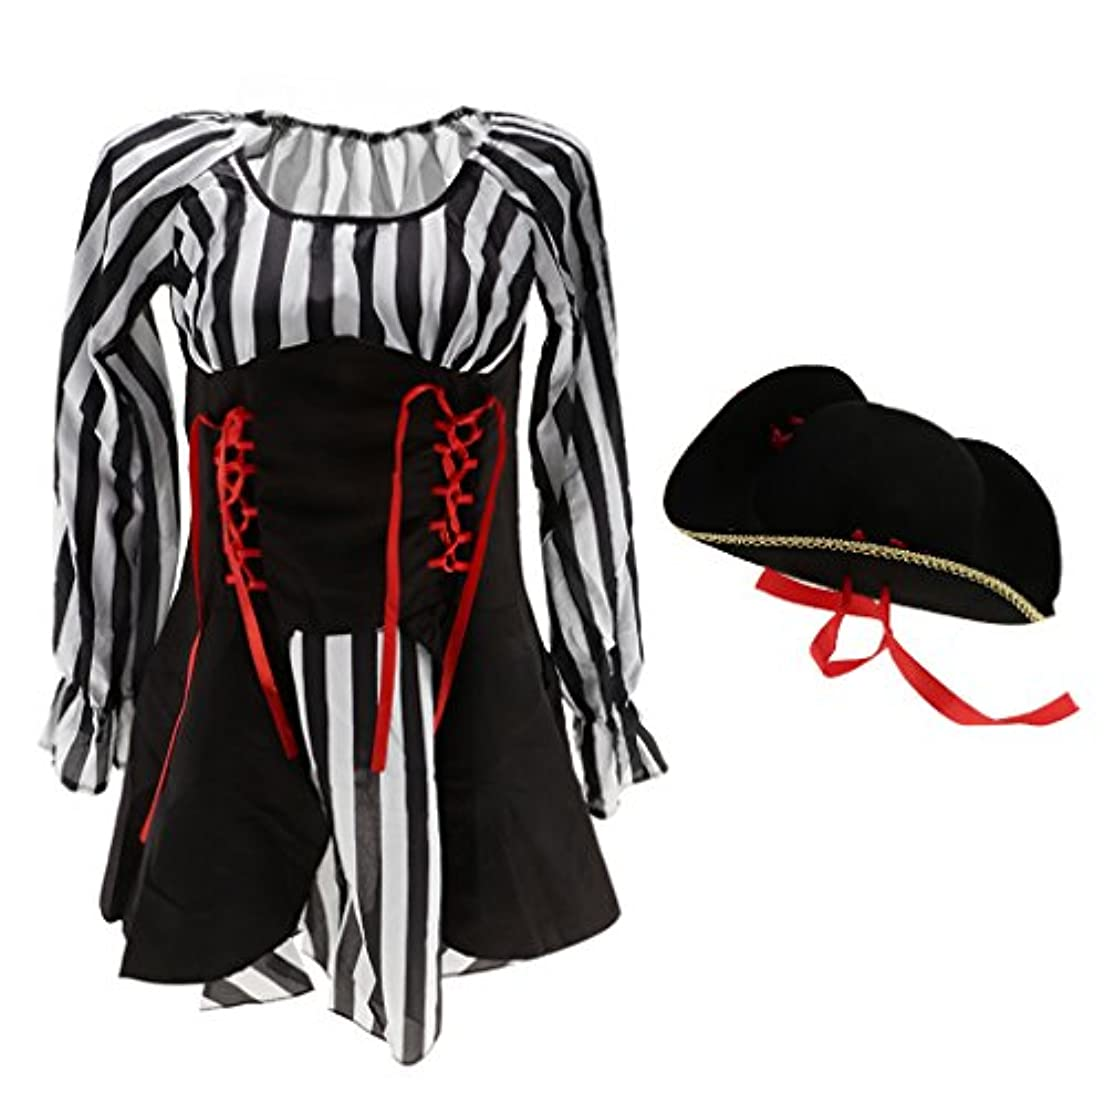 メディカル感覚バルクFenteer 女性 海賊 ドレス 帽子 派手な パーティー コスプレ 仮装 コスチューム